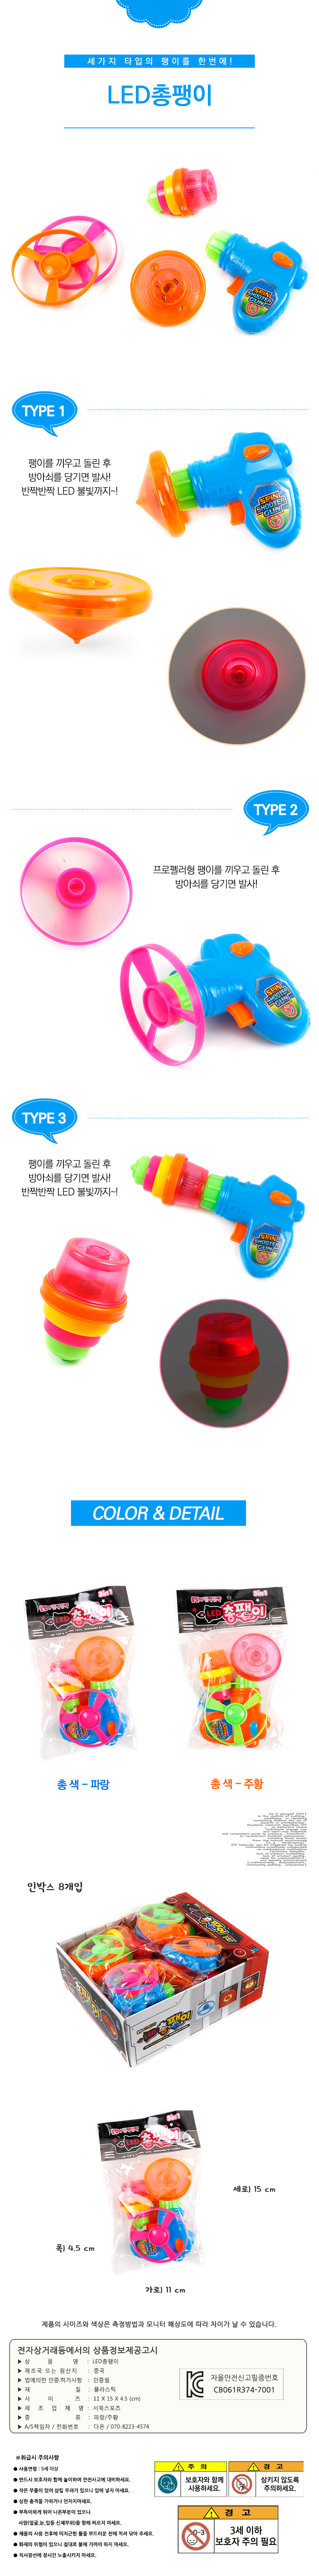 LED총팽이1,800원-아토키덜트/취미, 장난감/게임기, 작동완구, 요요/팽이바보사랑LED총팽이1,800원-아토키덜트/취미, 장난감/게임기, 작동완구, 요요/팽이바보사랑